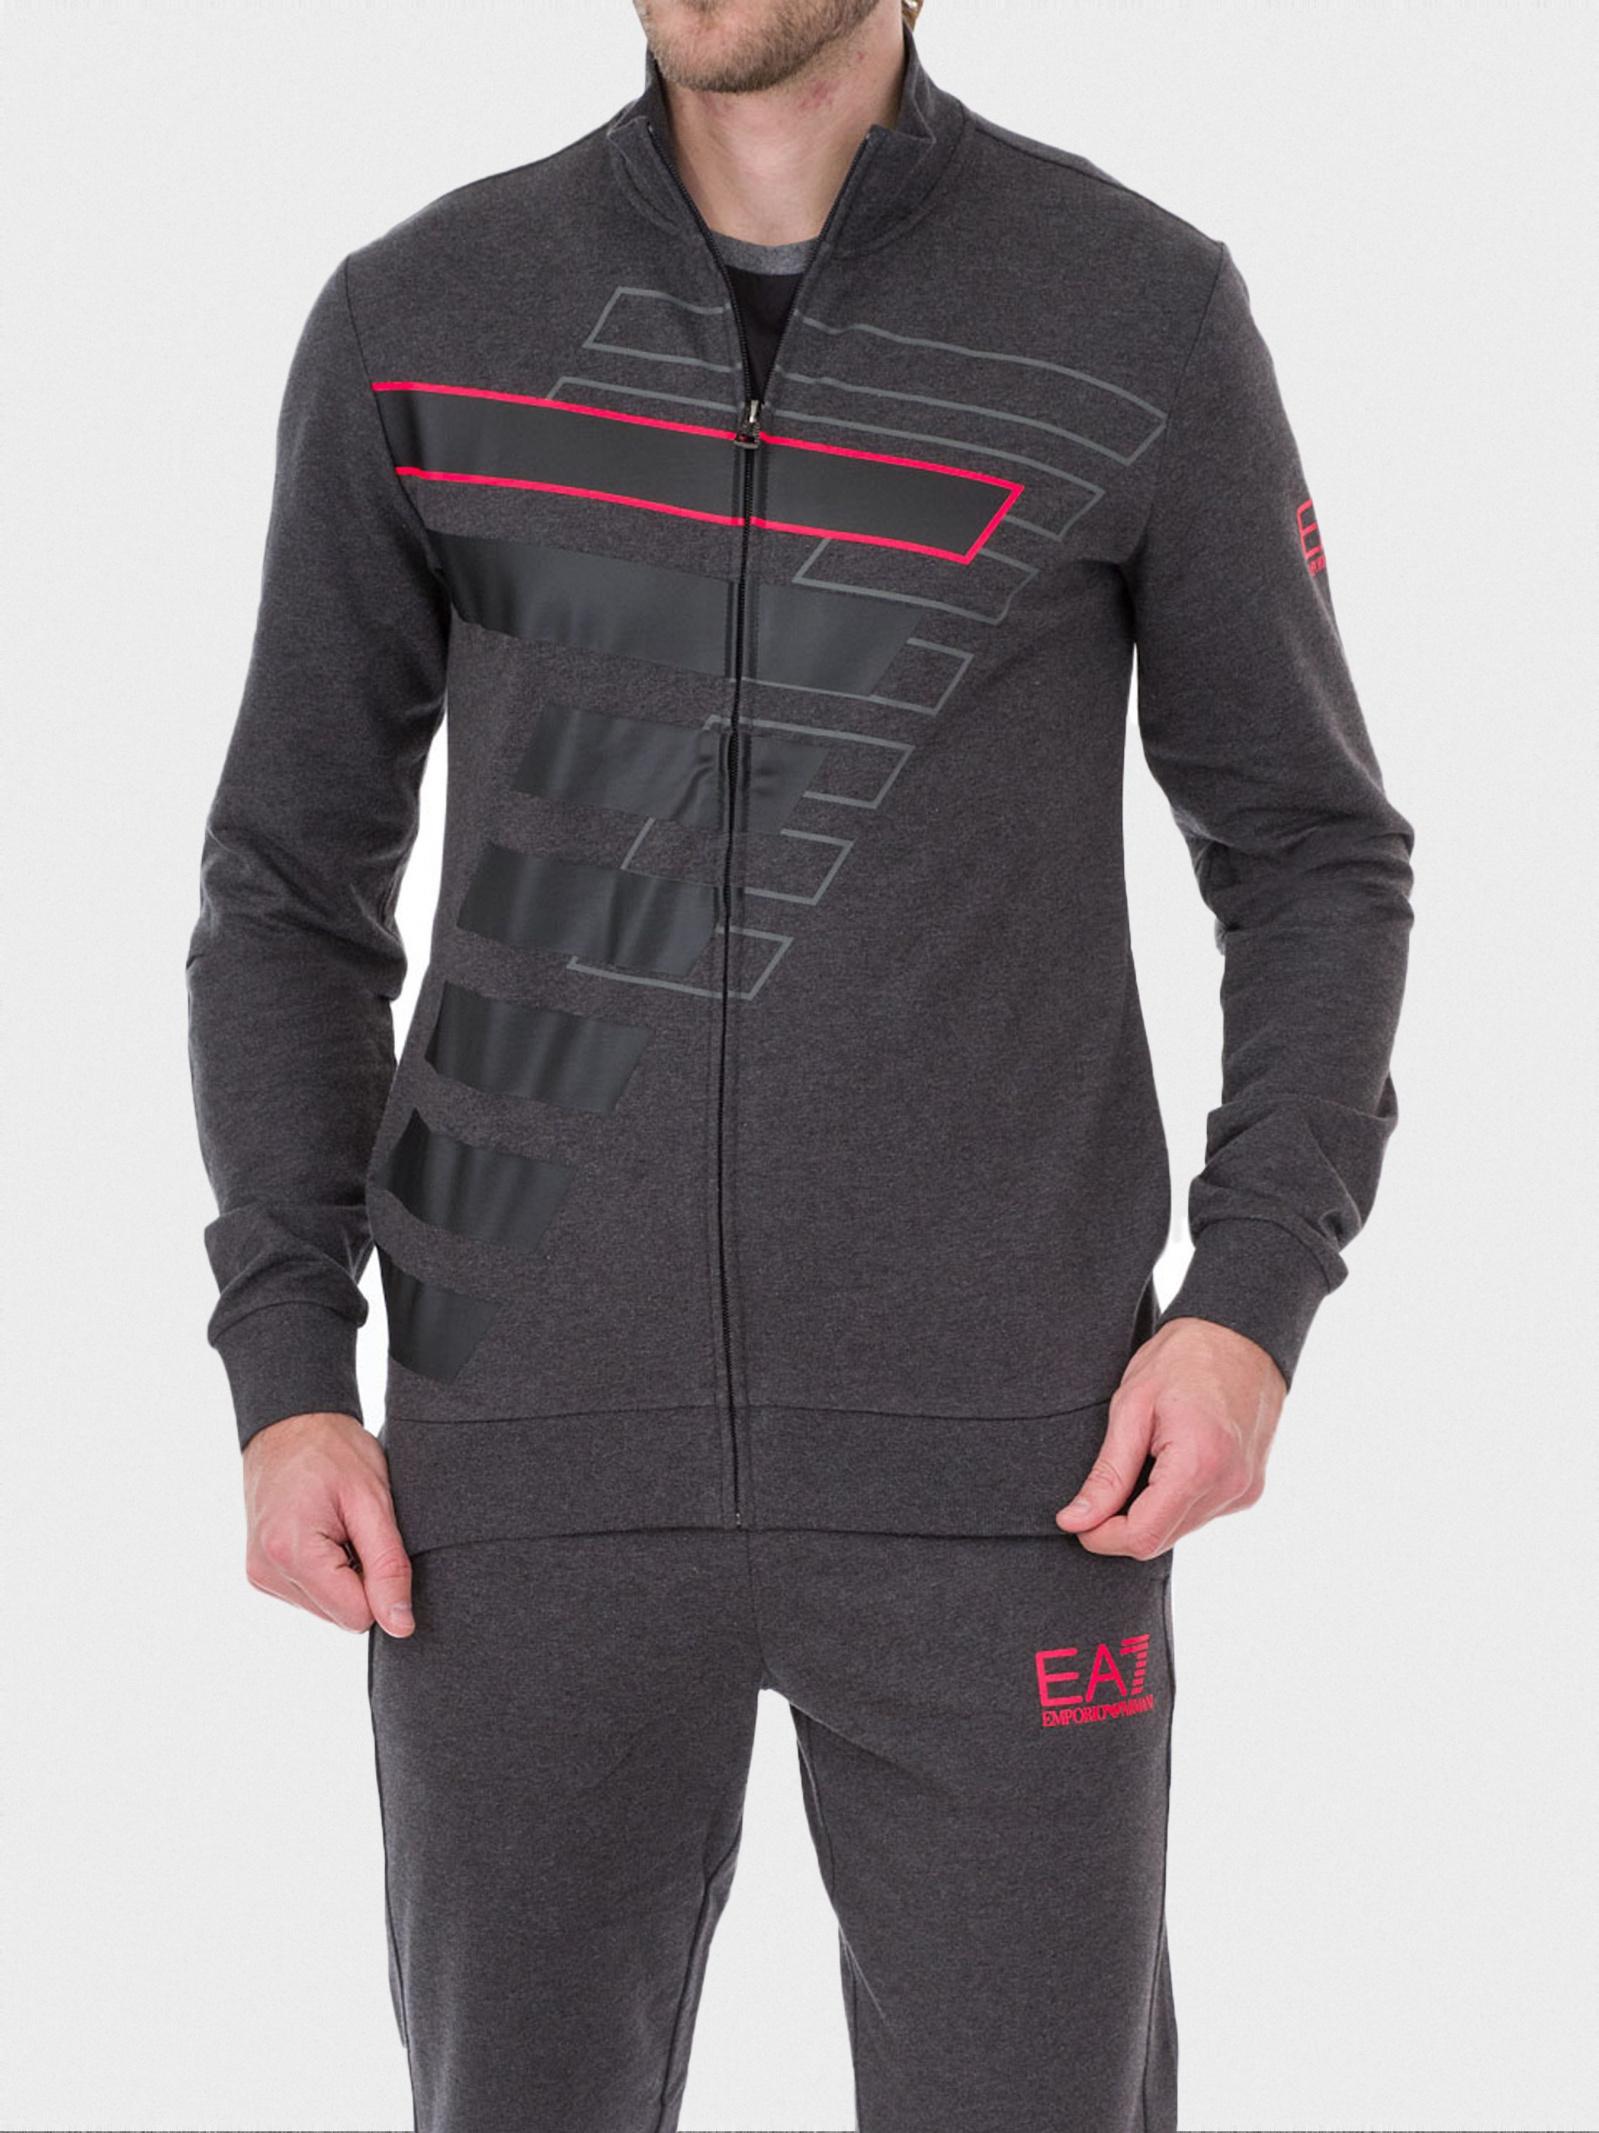 Кофты и свитера мужские EA7 модель 7O171 качество, 2017